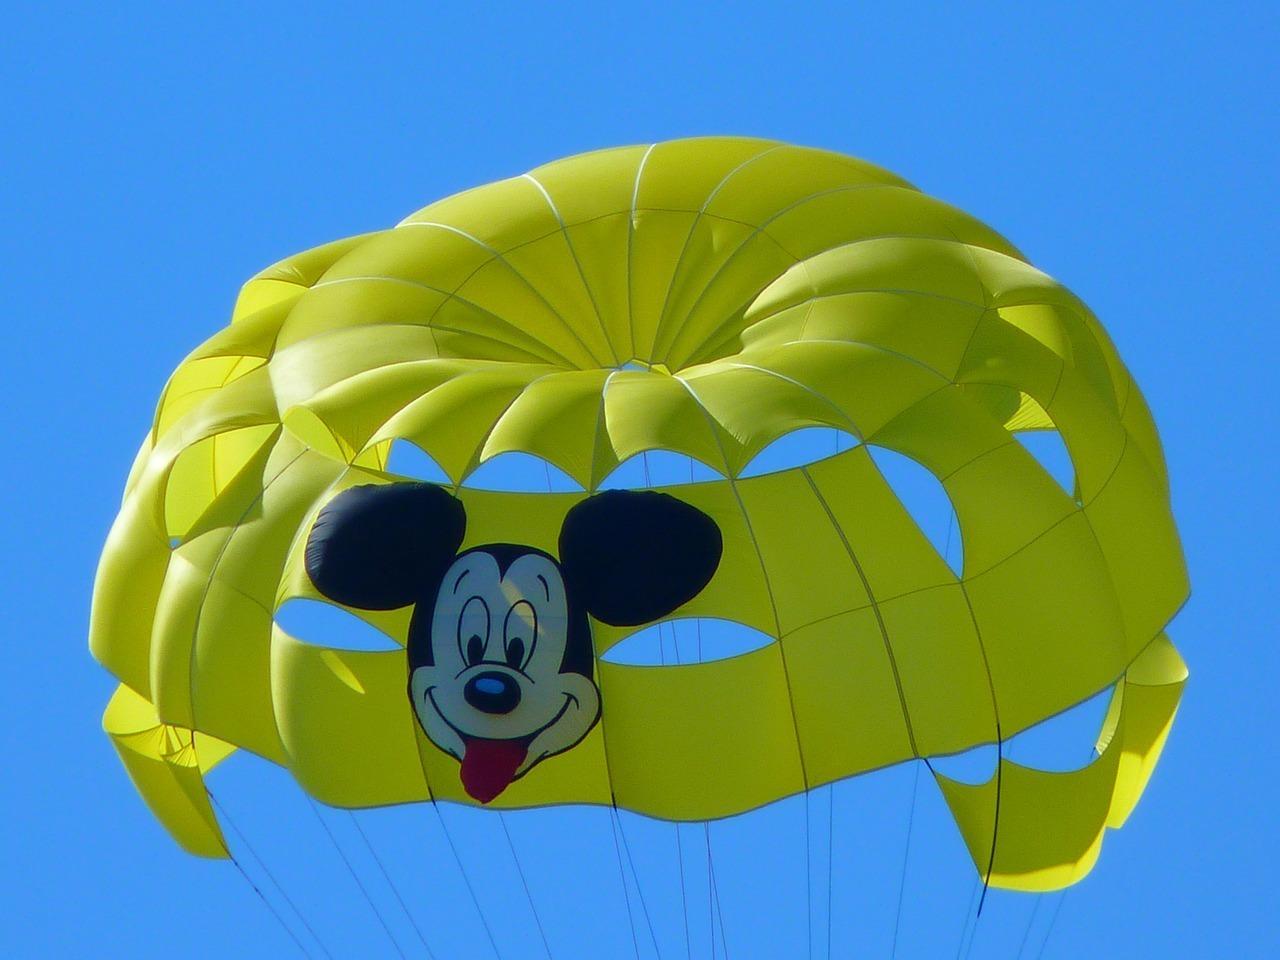 parasailing-15051_1280.jpg